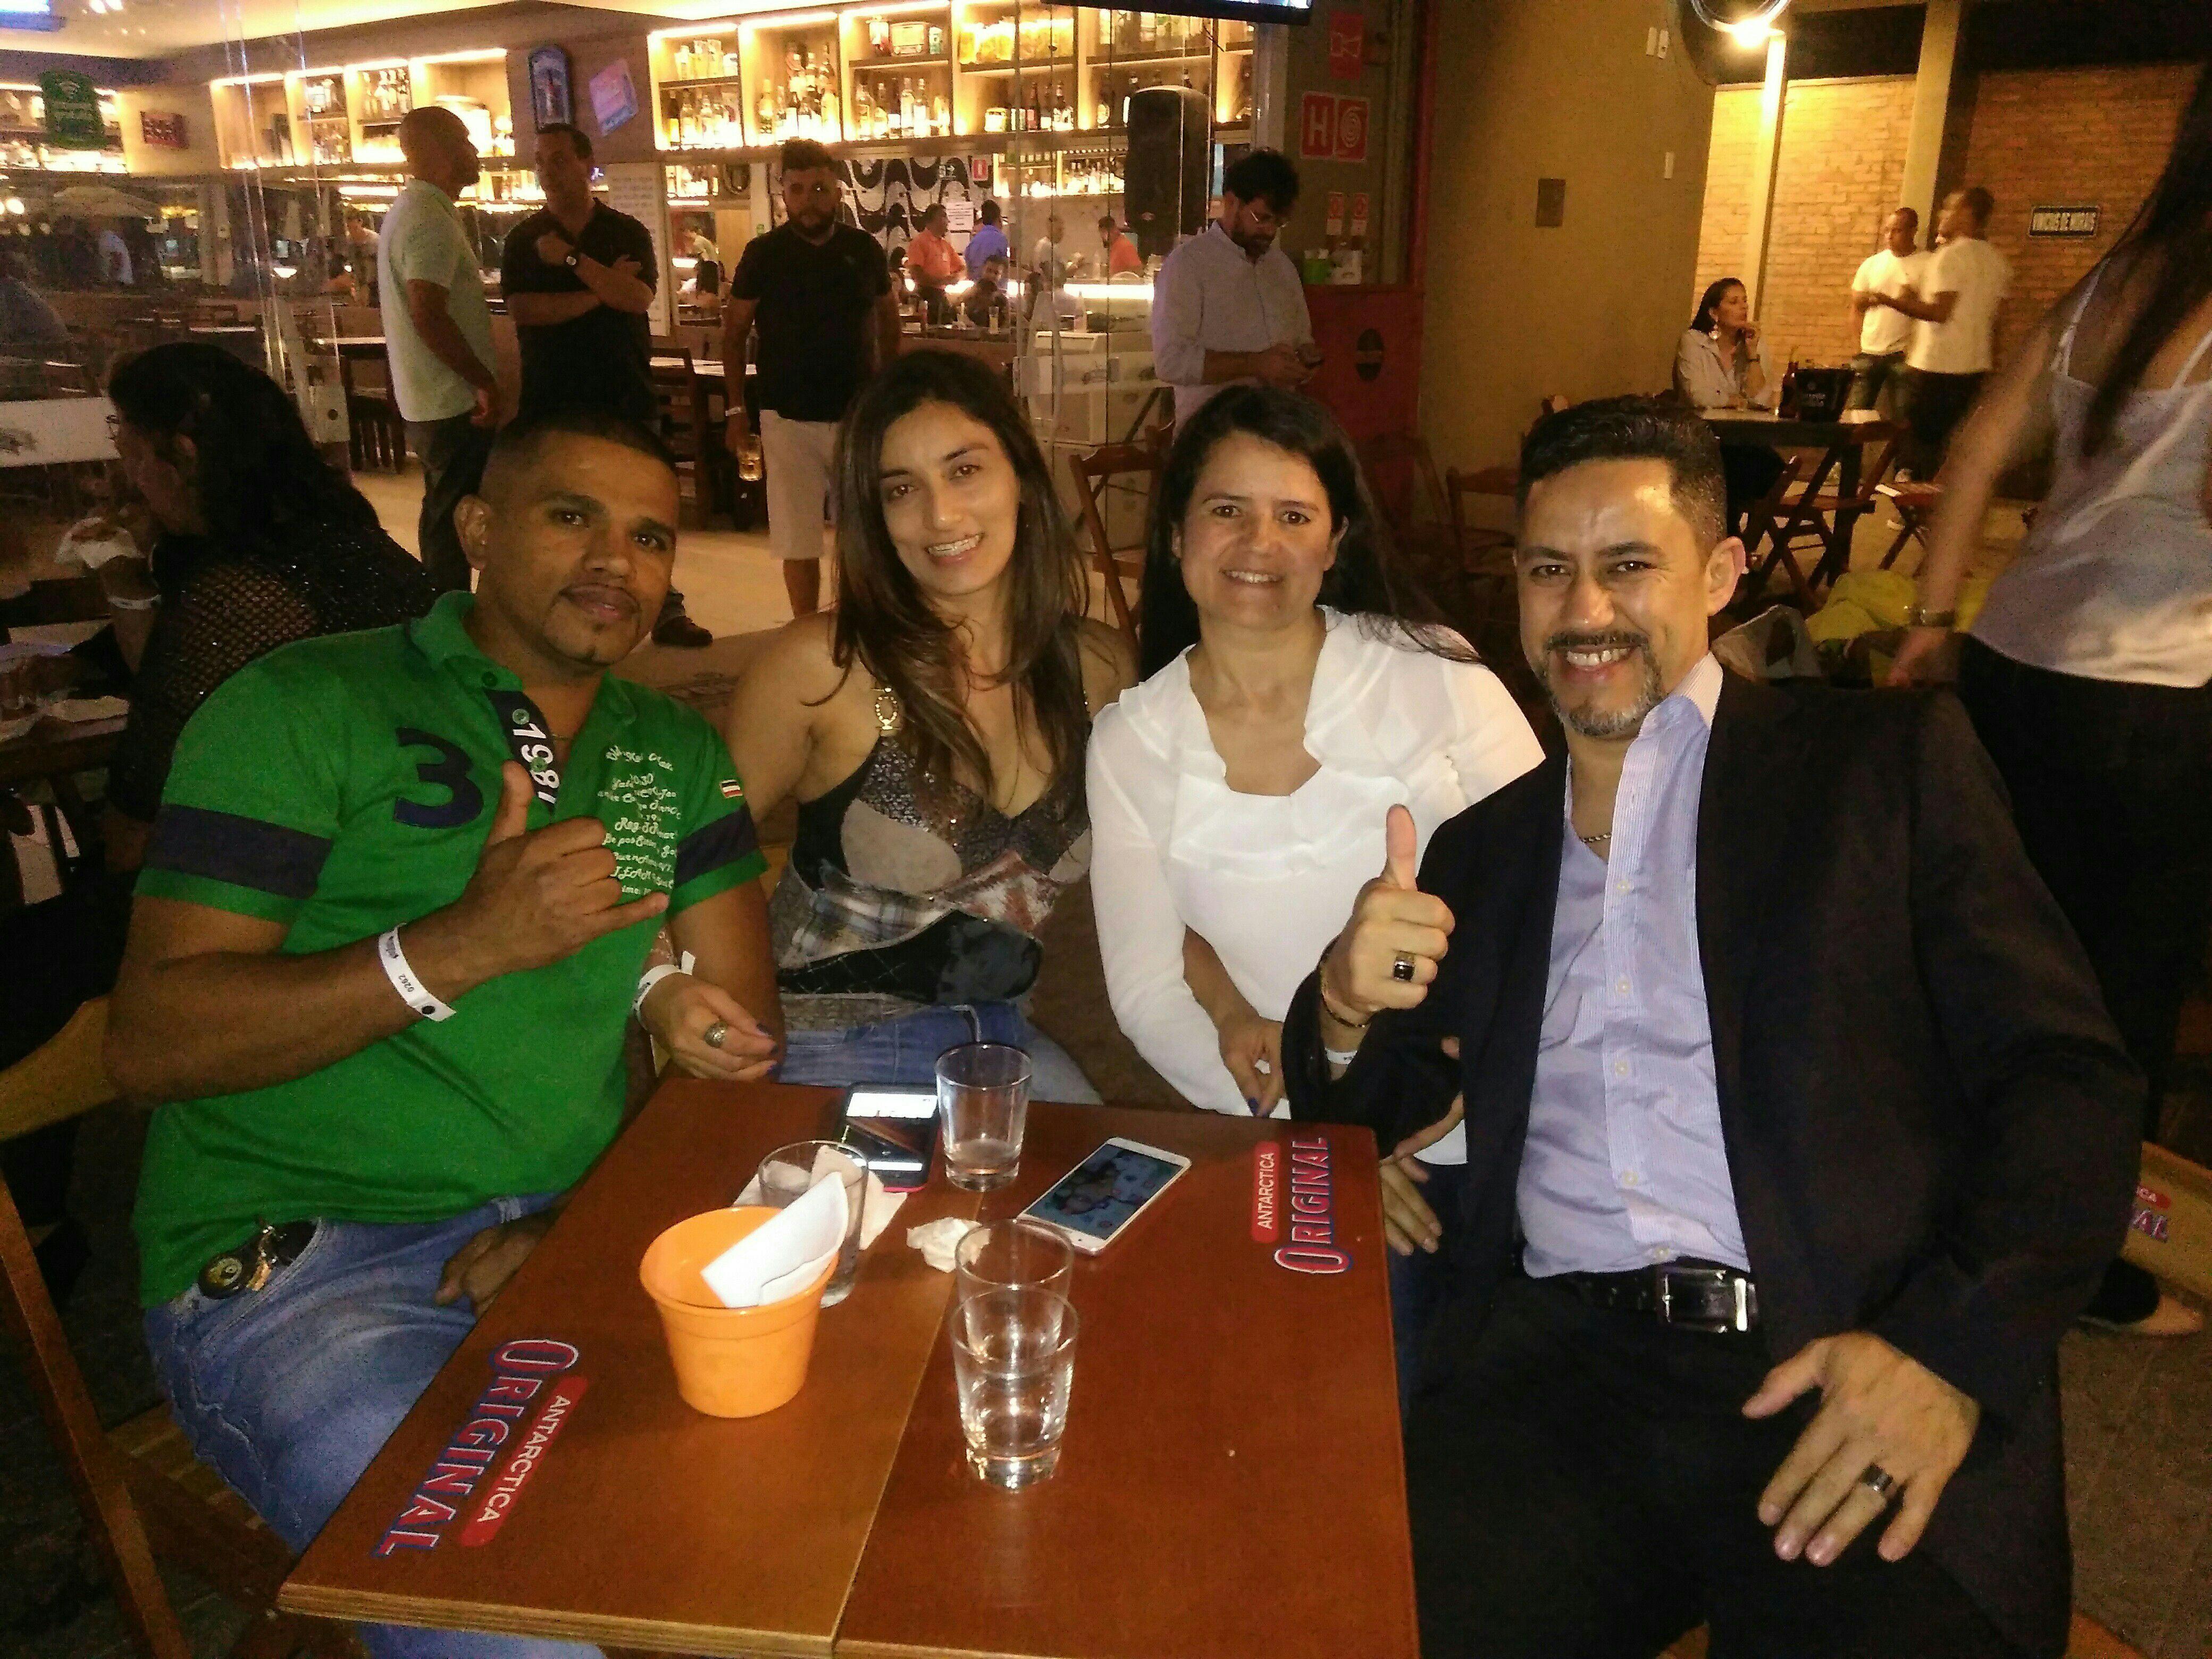 Eu esposa e um casal de amigos no bar DO LEME AO PONTAL. barbeiro(a)